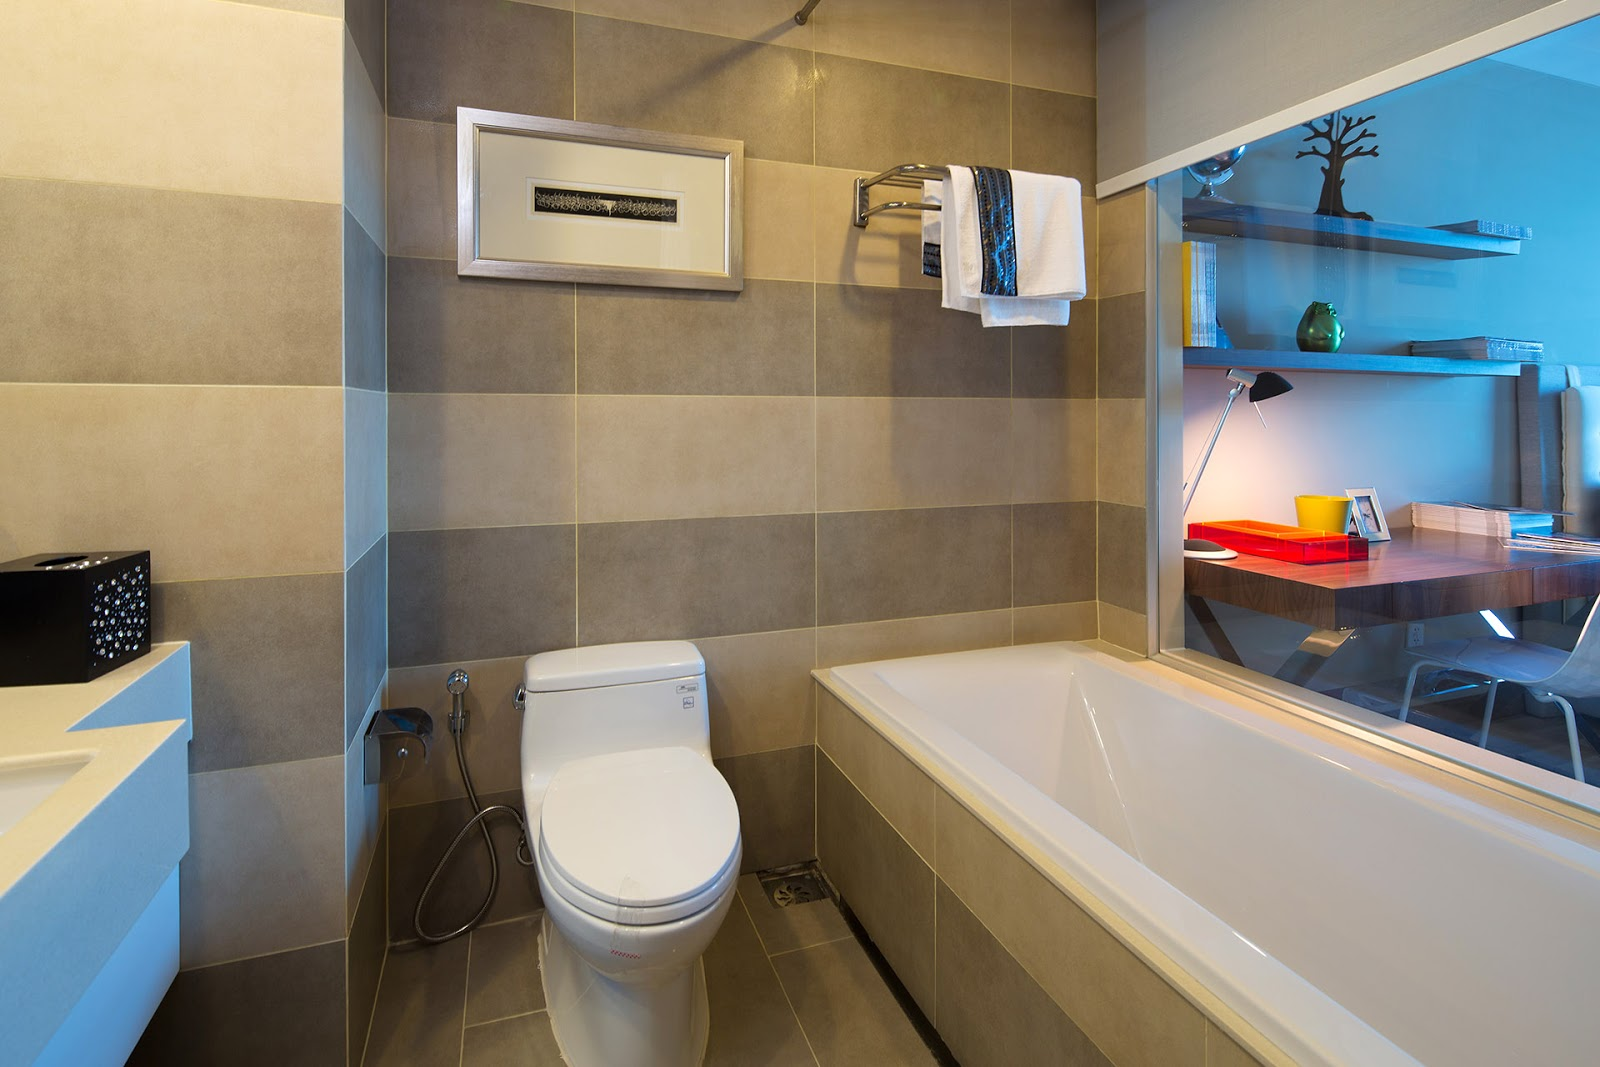 phòng vệ sinh saigon airport plaza